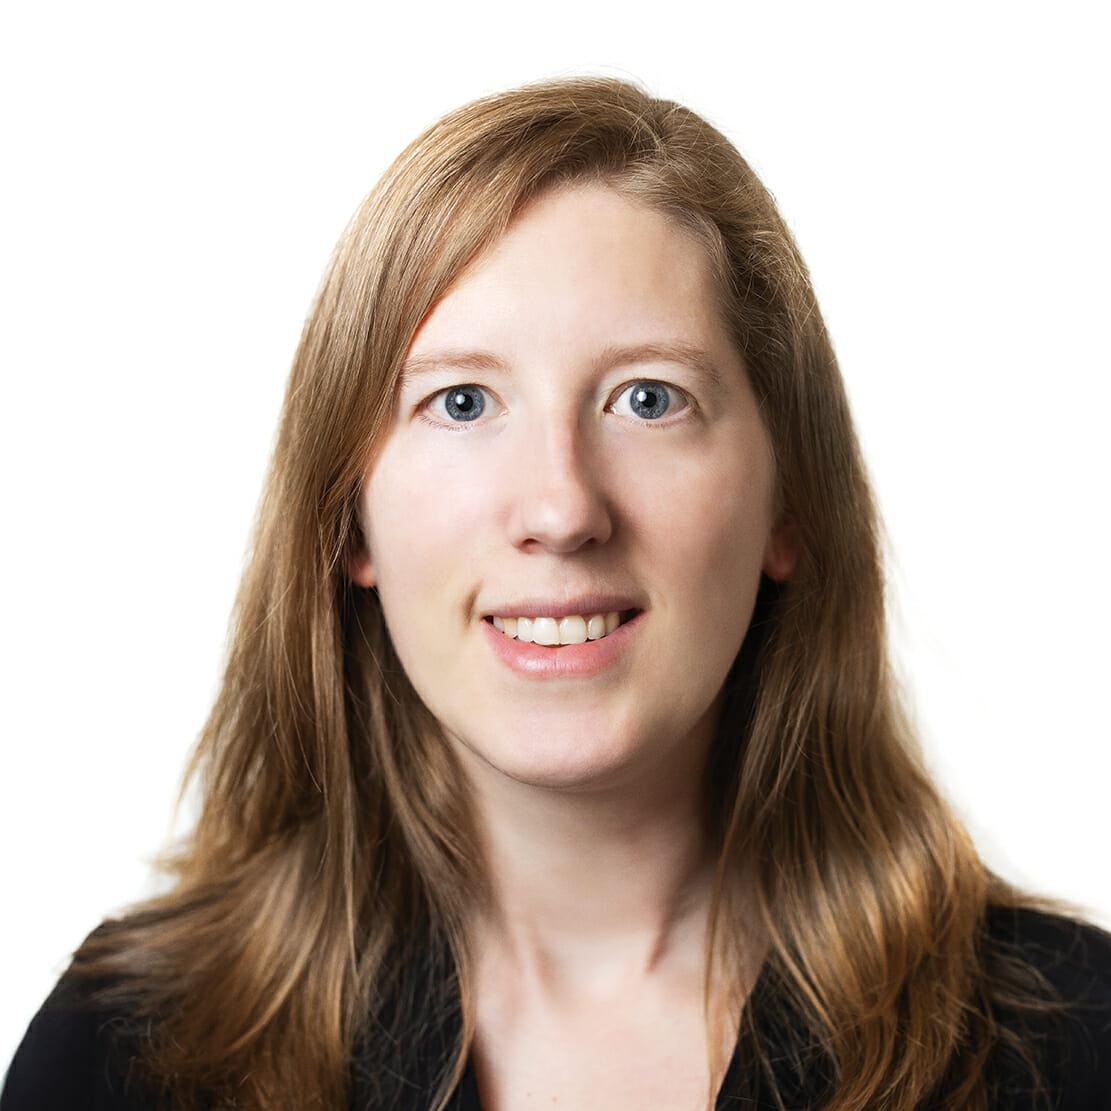 Jennifer Kady